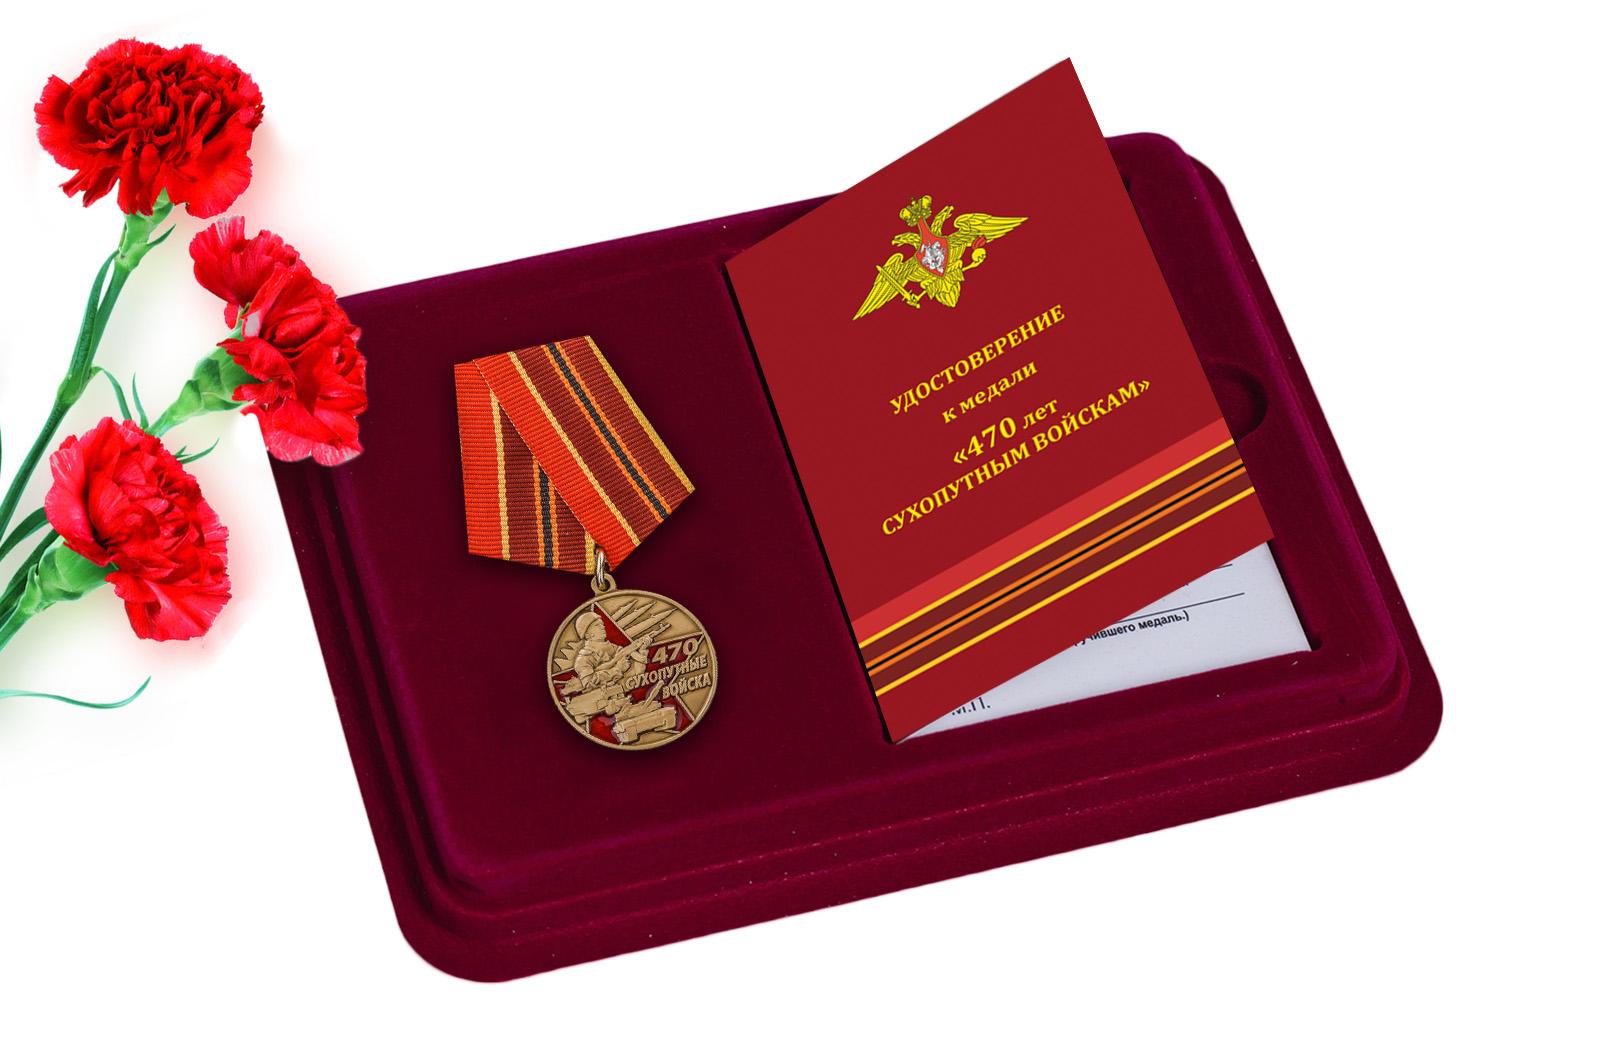 Купить медаль 470 лет Сухопутным войскам с доставкой